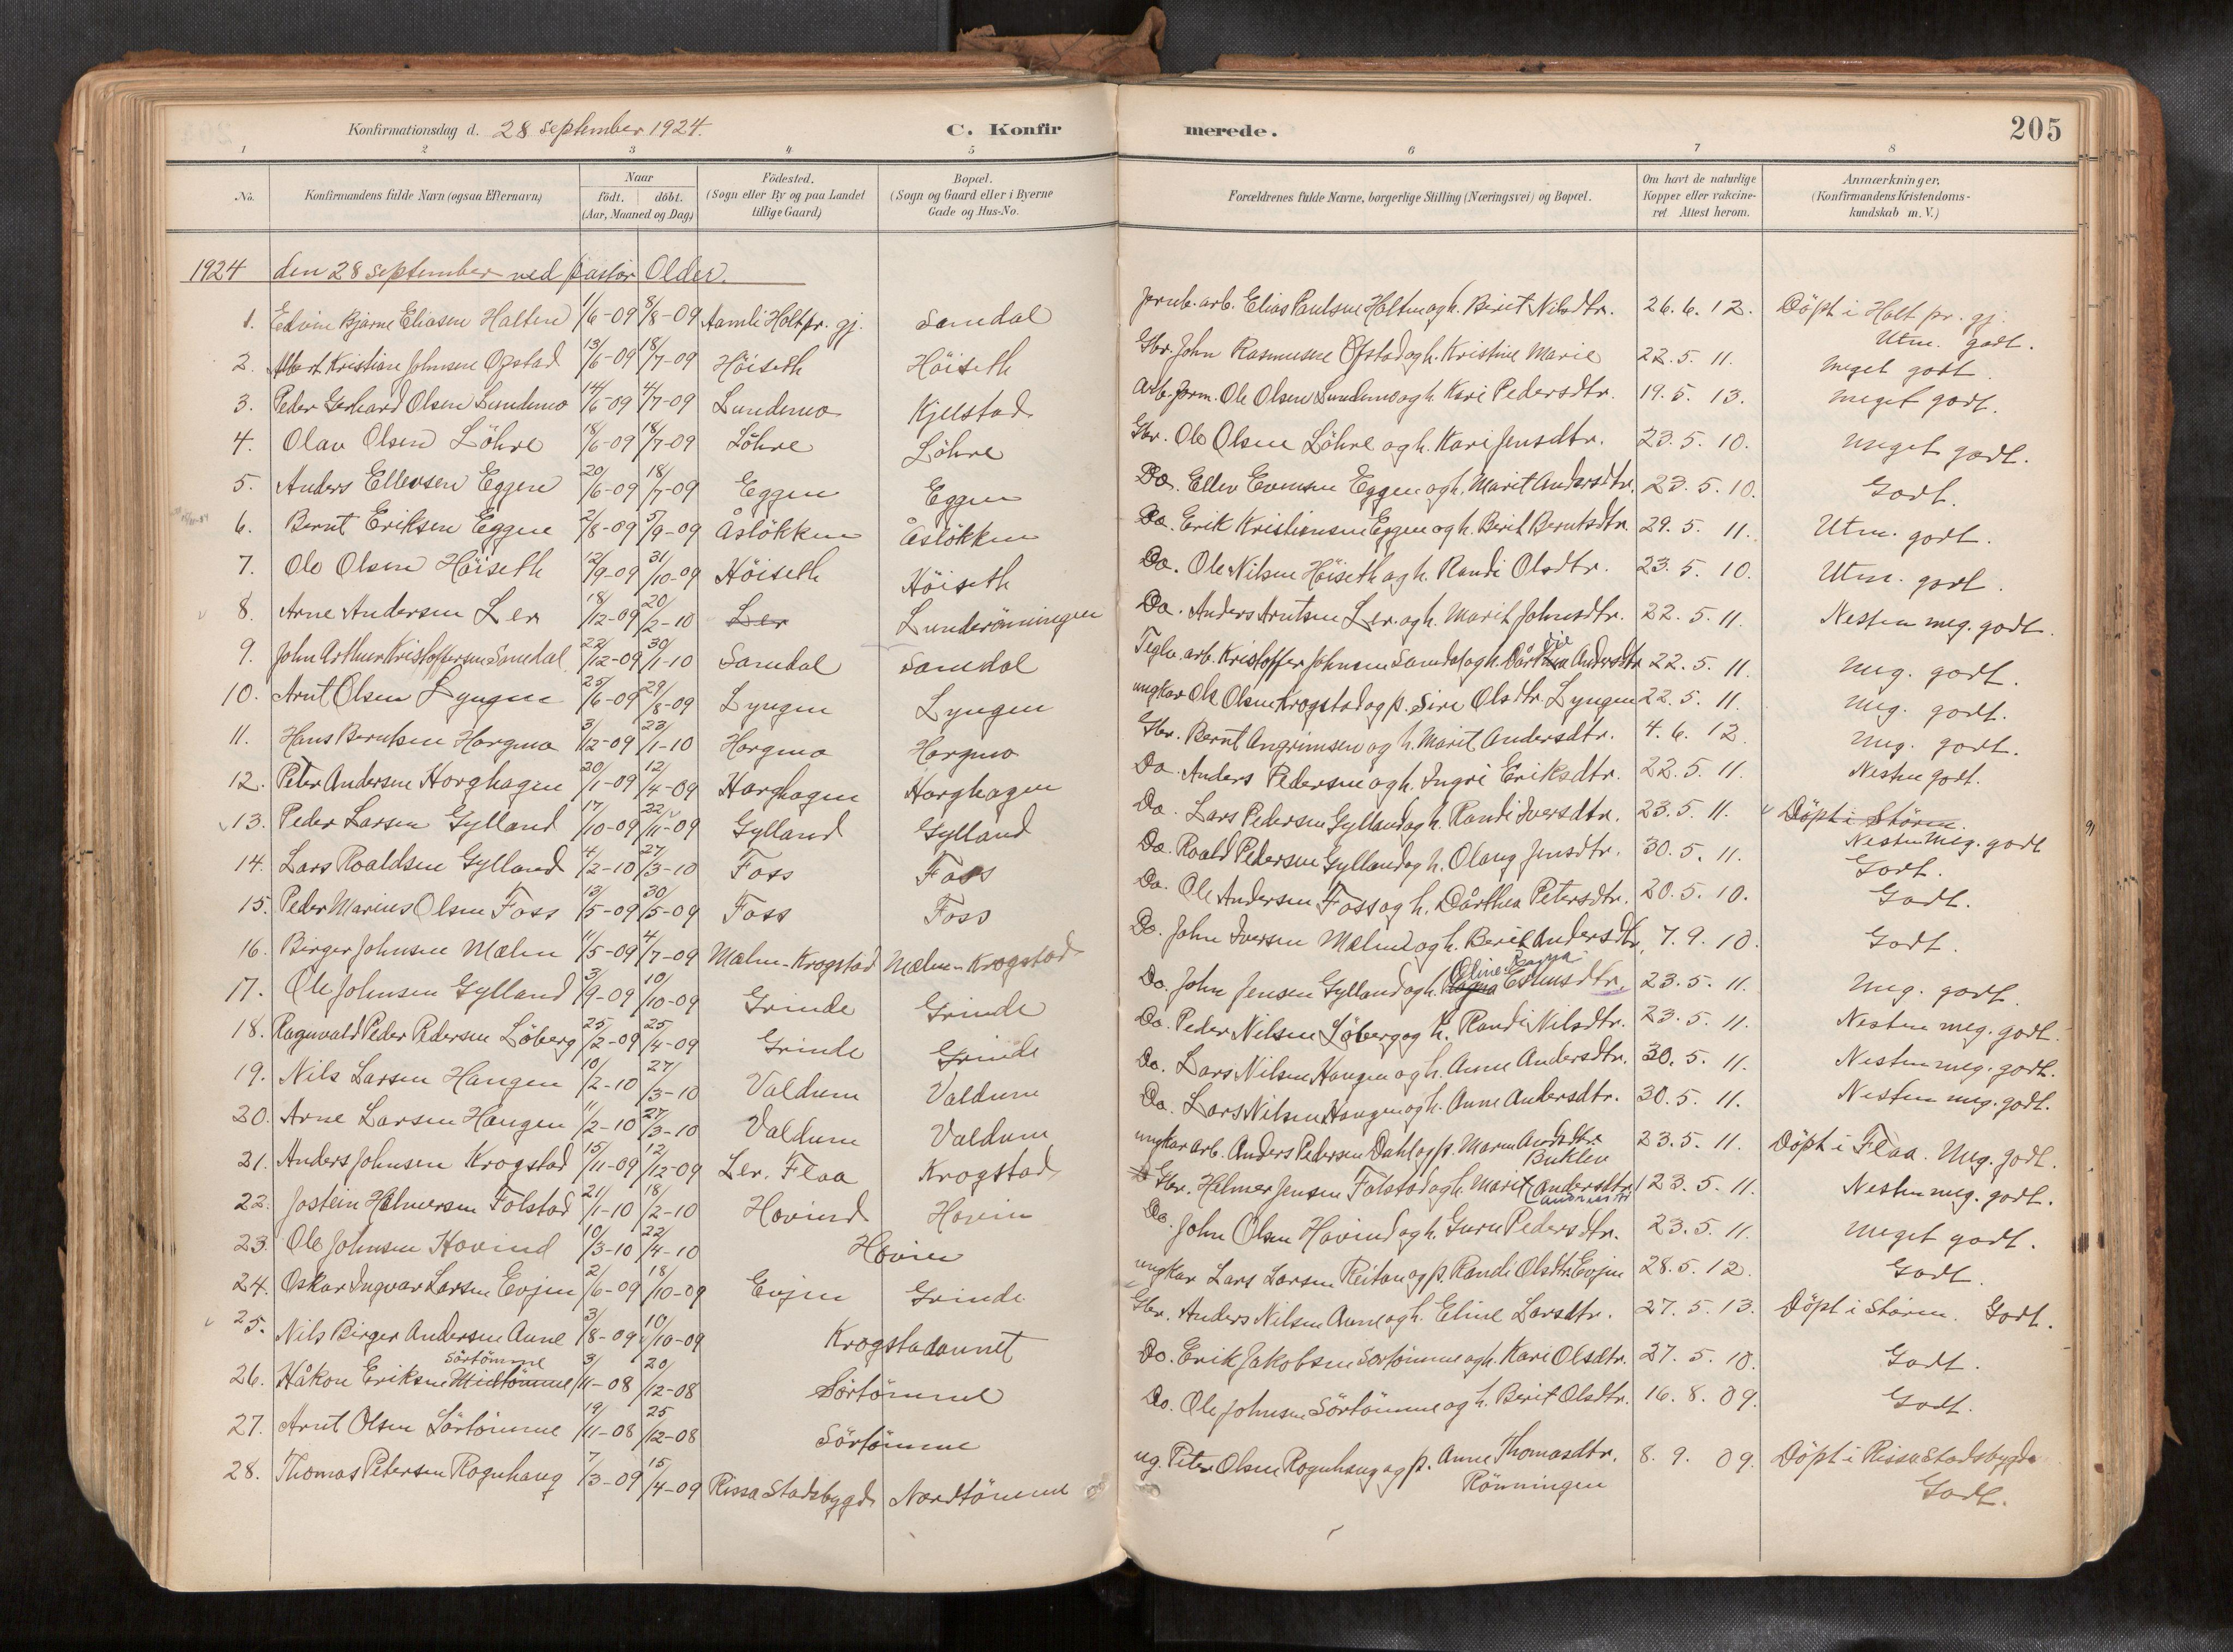 SAT, Ministerialprotokoller, klokkerbøker og fødselsregistre - Sør-Trøndelag, 692/L1105b: Ministerialbok nr. 692A06, 1891-1934, s. 205